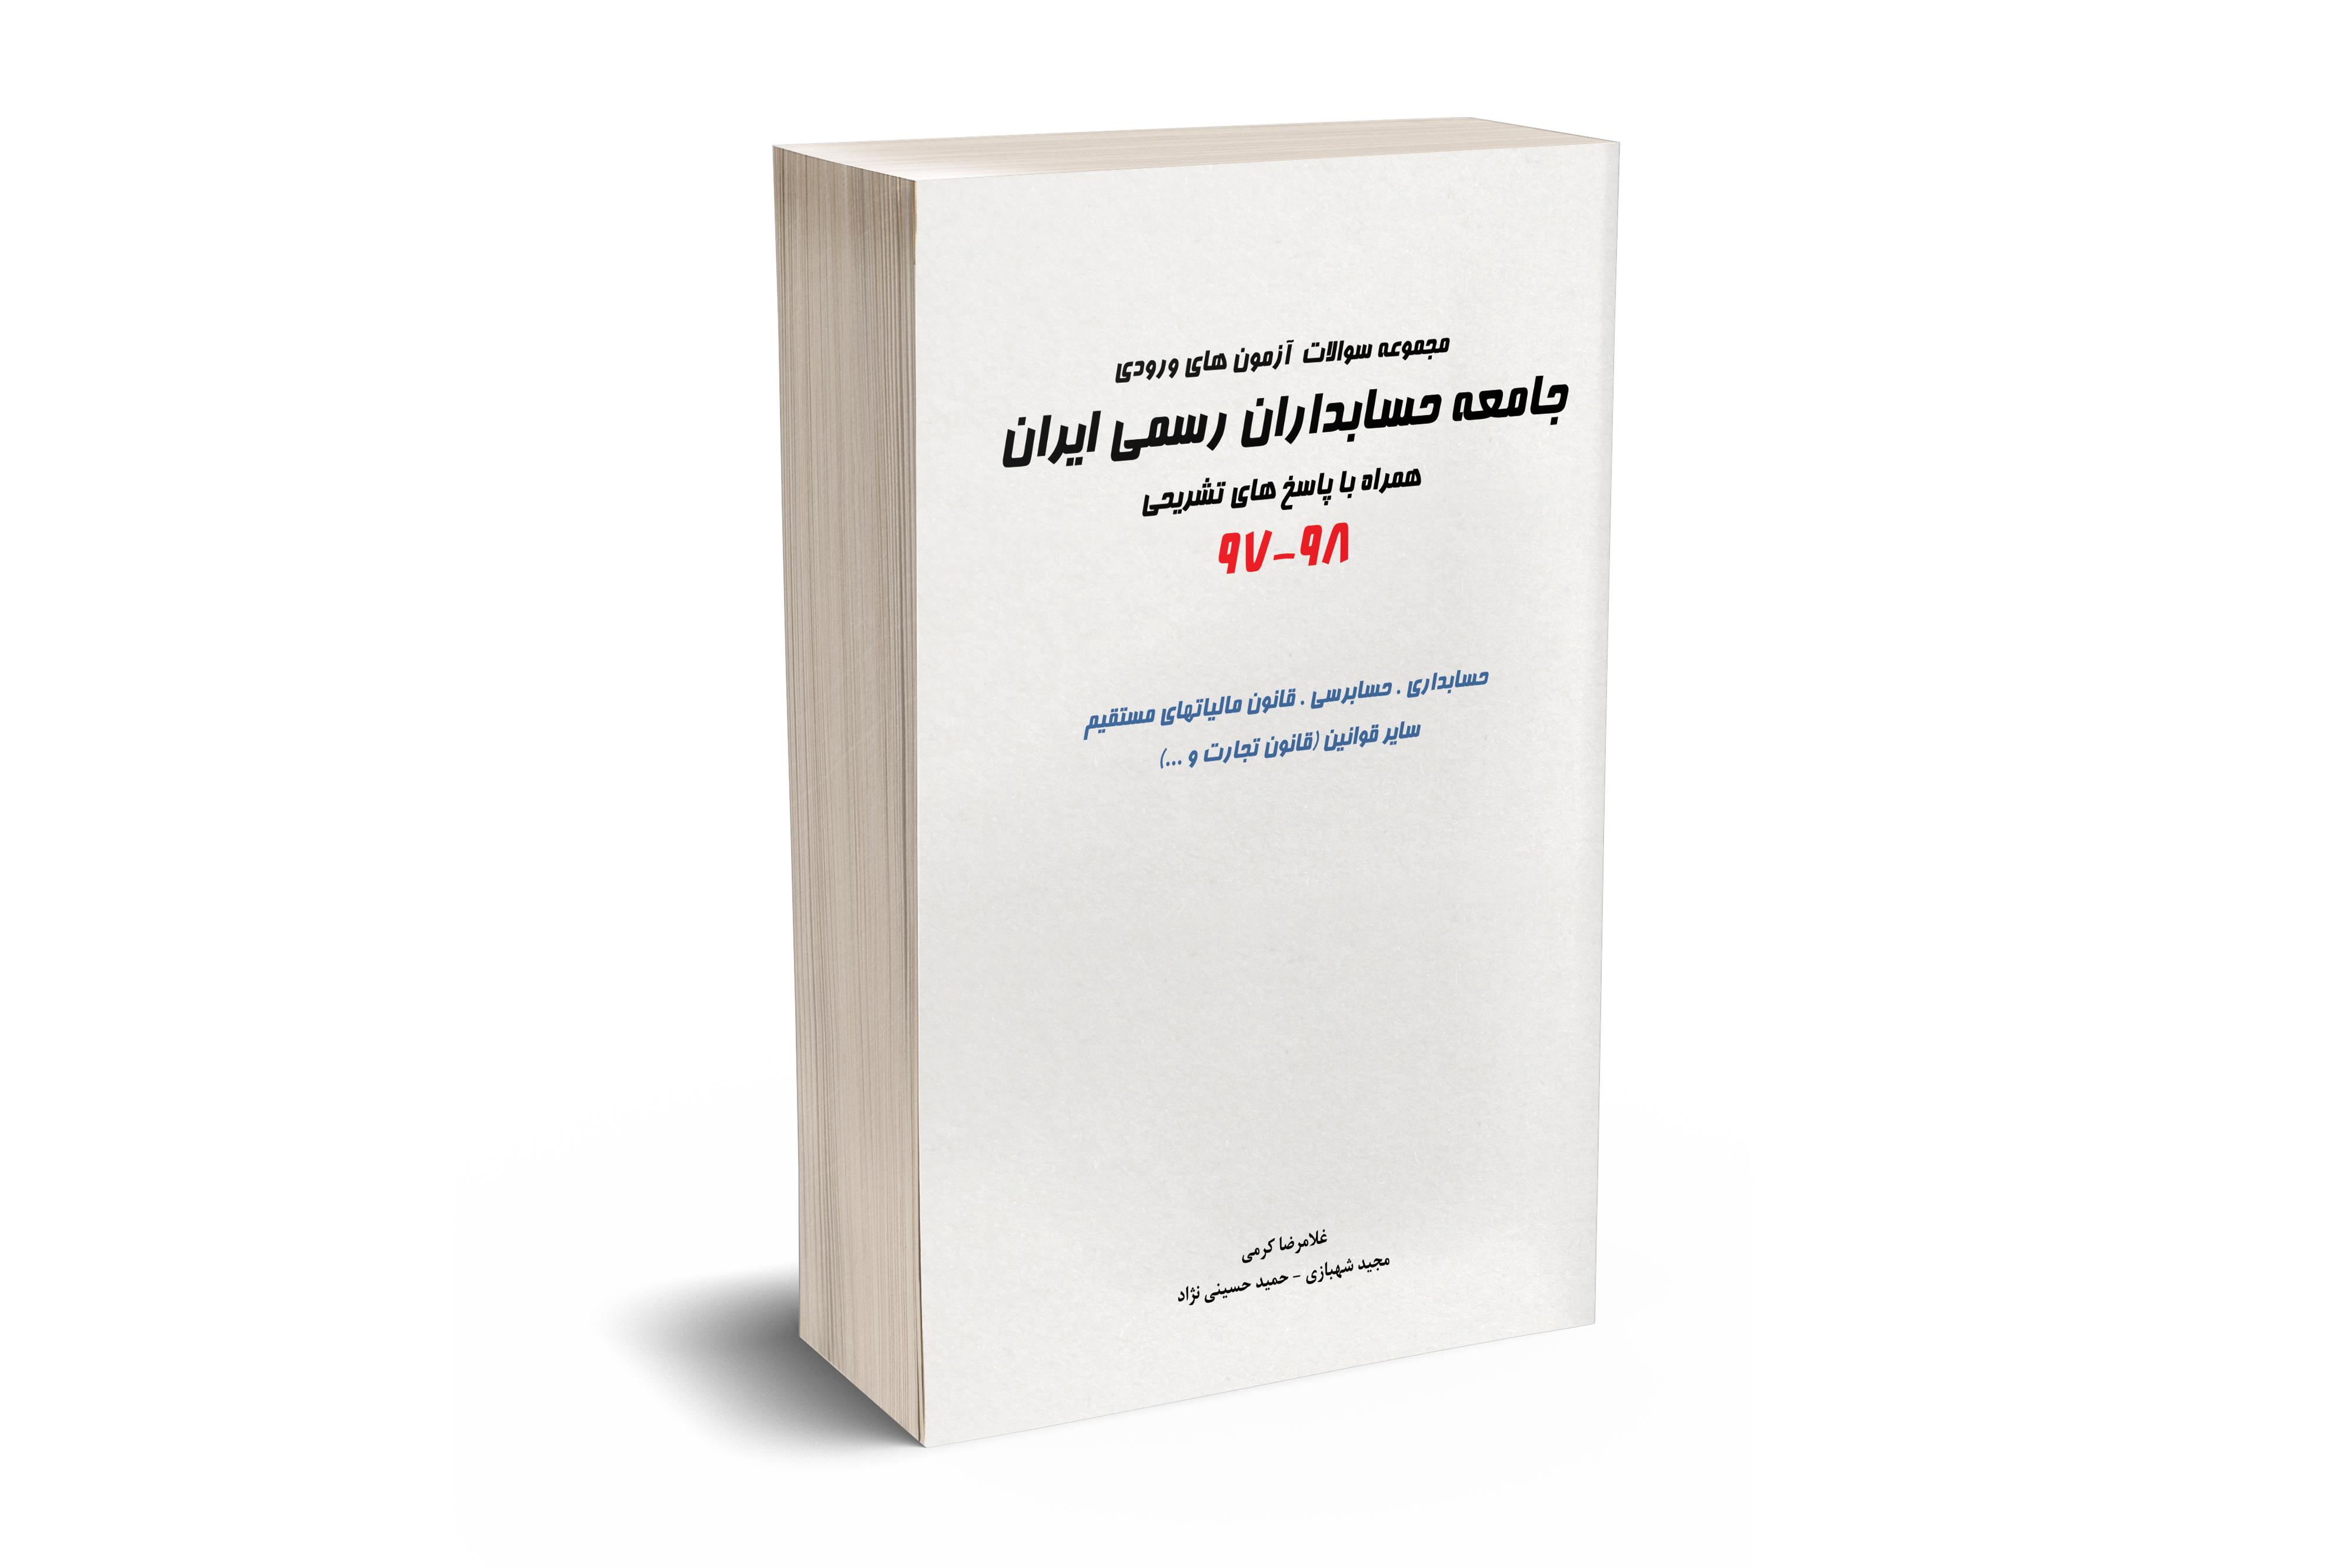 مجموعه سوالات آزمون ورودی جامعه حسابداران رسمی ایران 97 - 98